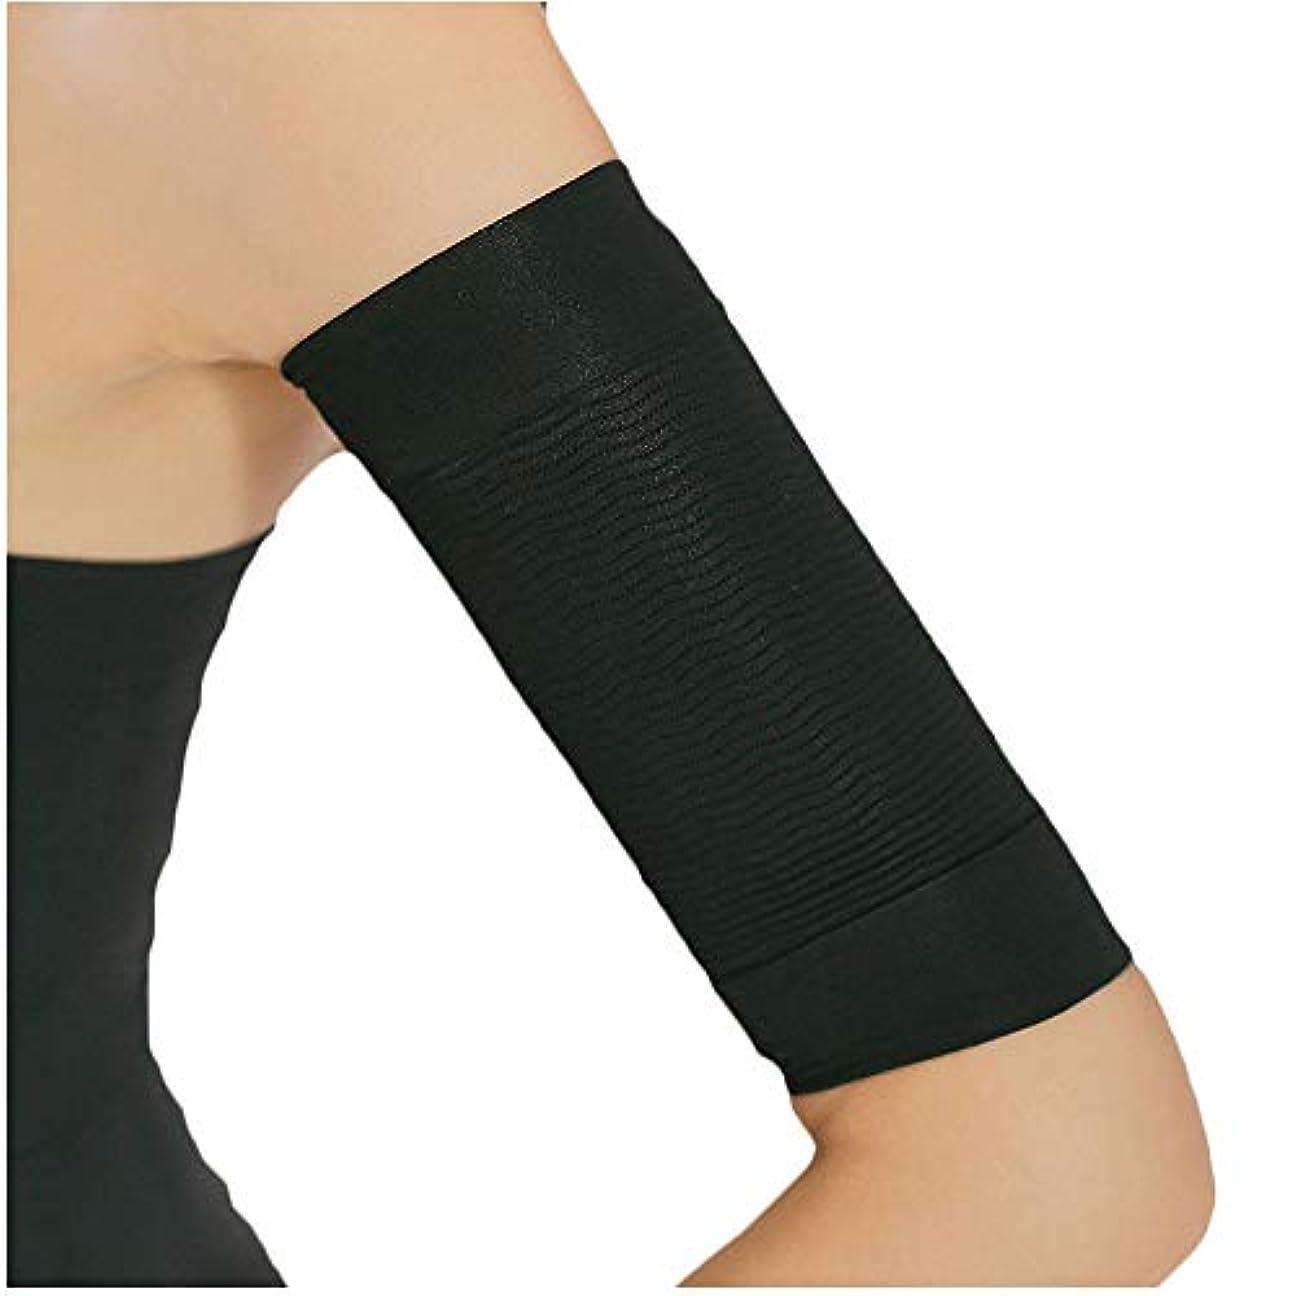 禁止する筋肉の因子NEOBODY 二の腕 シェイパー 腕 痩せ むくみ 対策 サポーター レディース ブラック